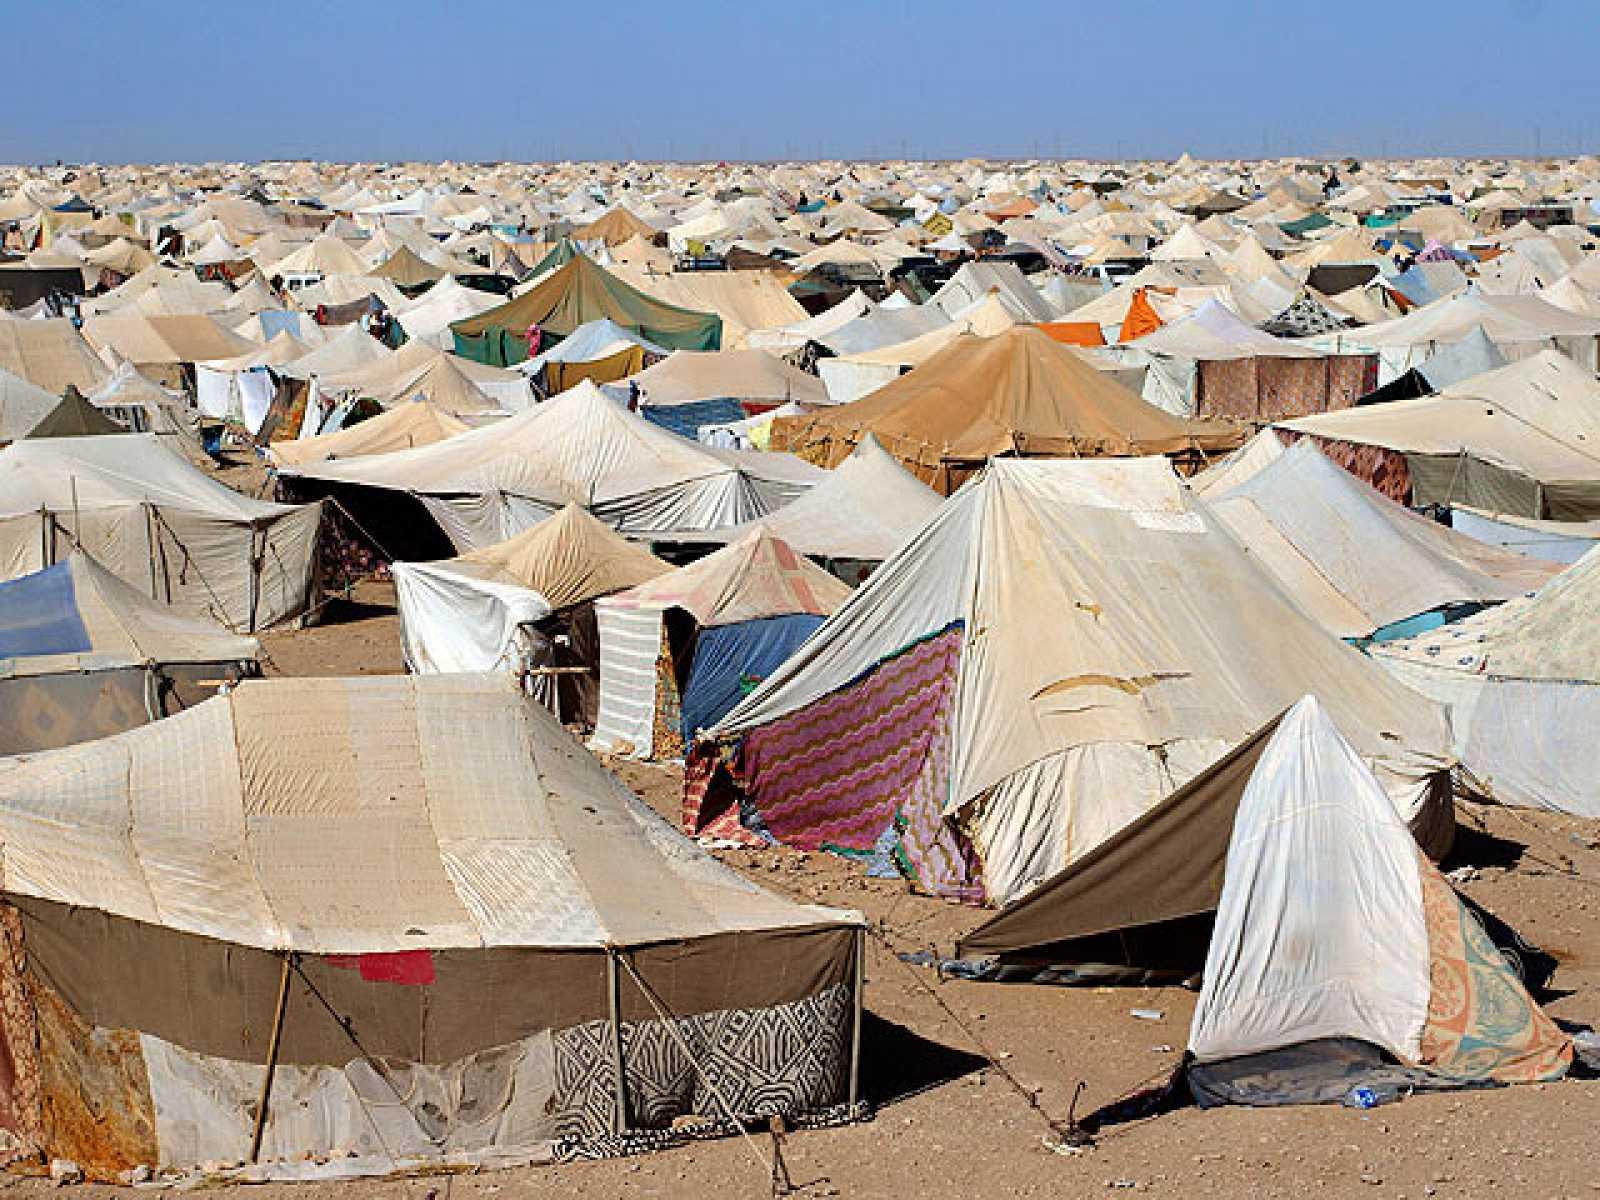 Marruecos comienza a desmantelar los camapmentos en El Aaiún